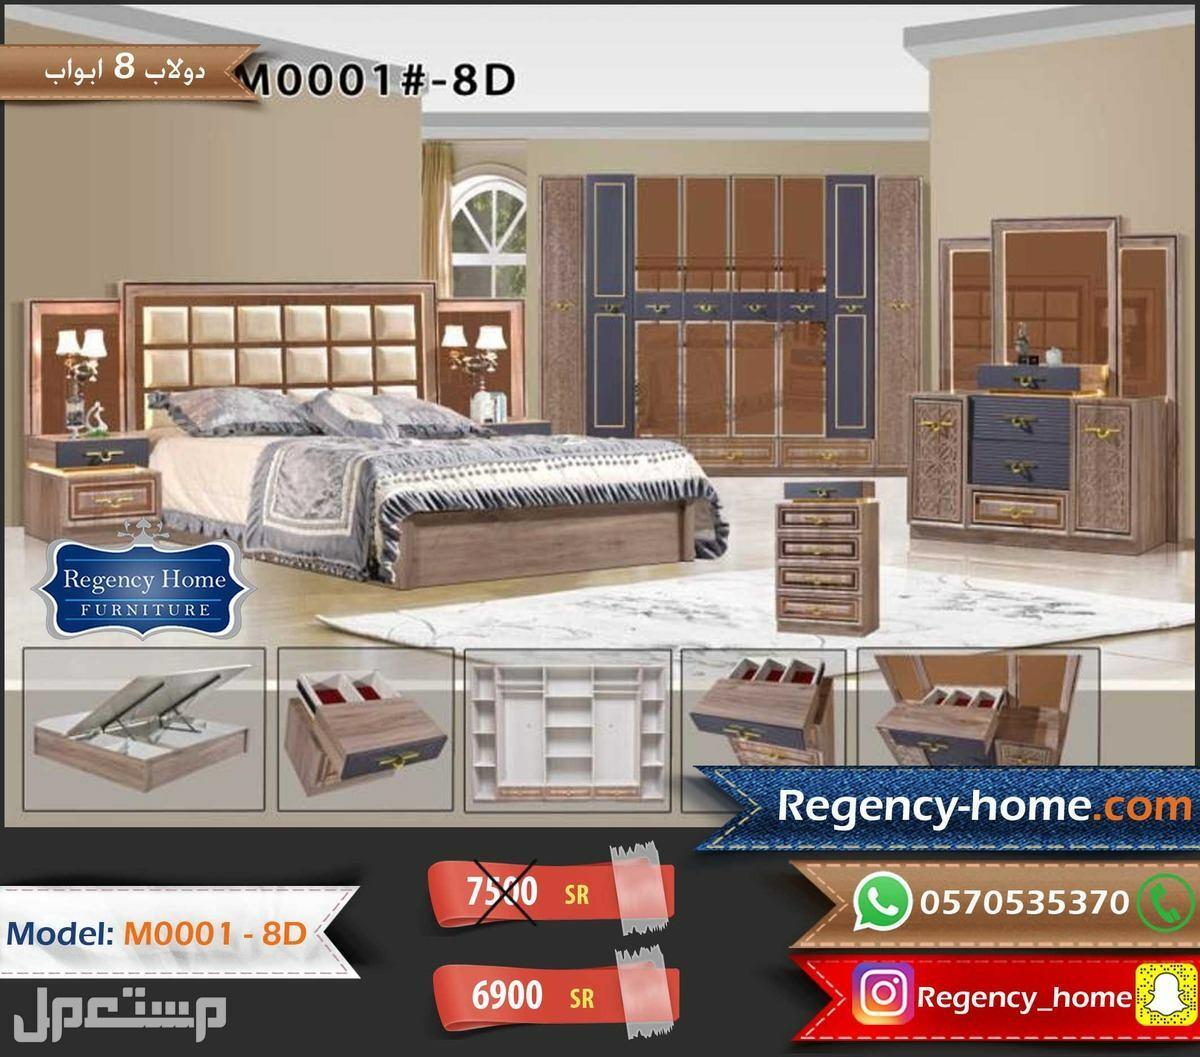 غرفة نوم راقية بدولاب كبير بسعر مخفض غرفة نوم راقية بدولاب كبير بسعر مخفض